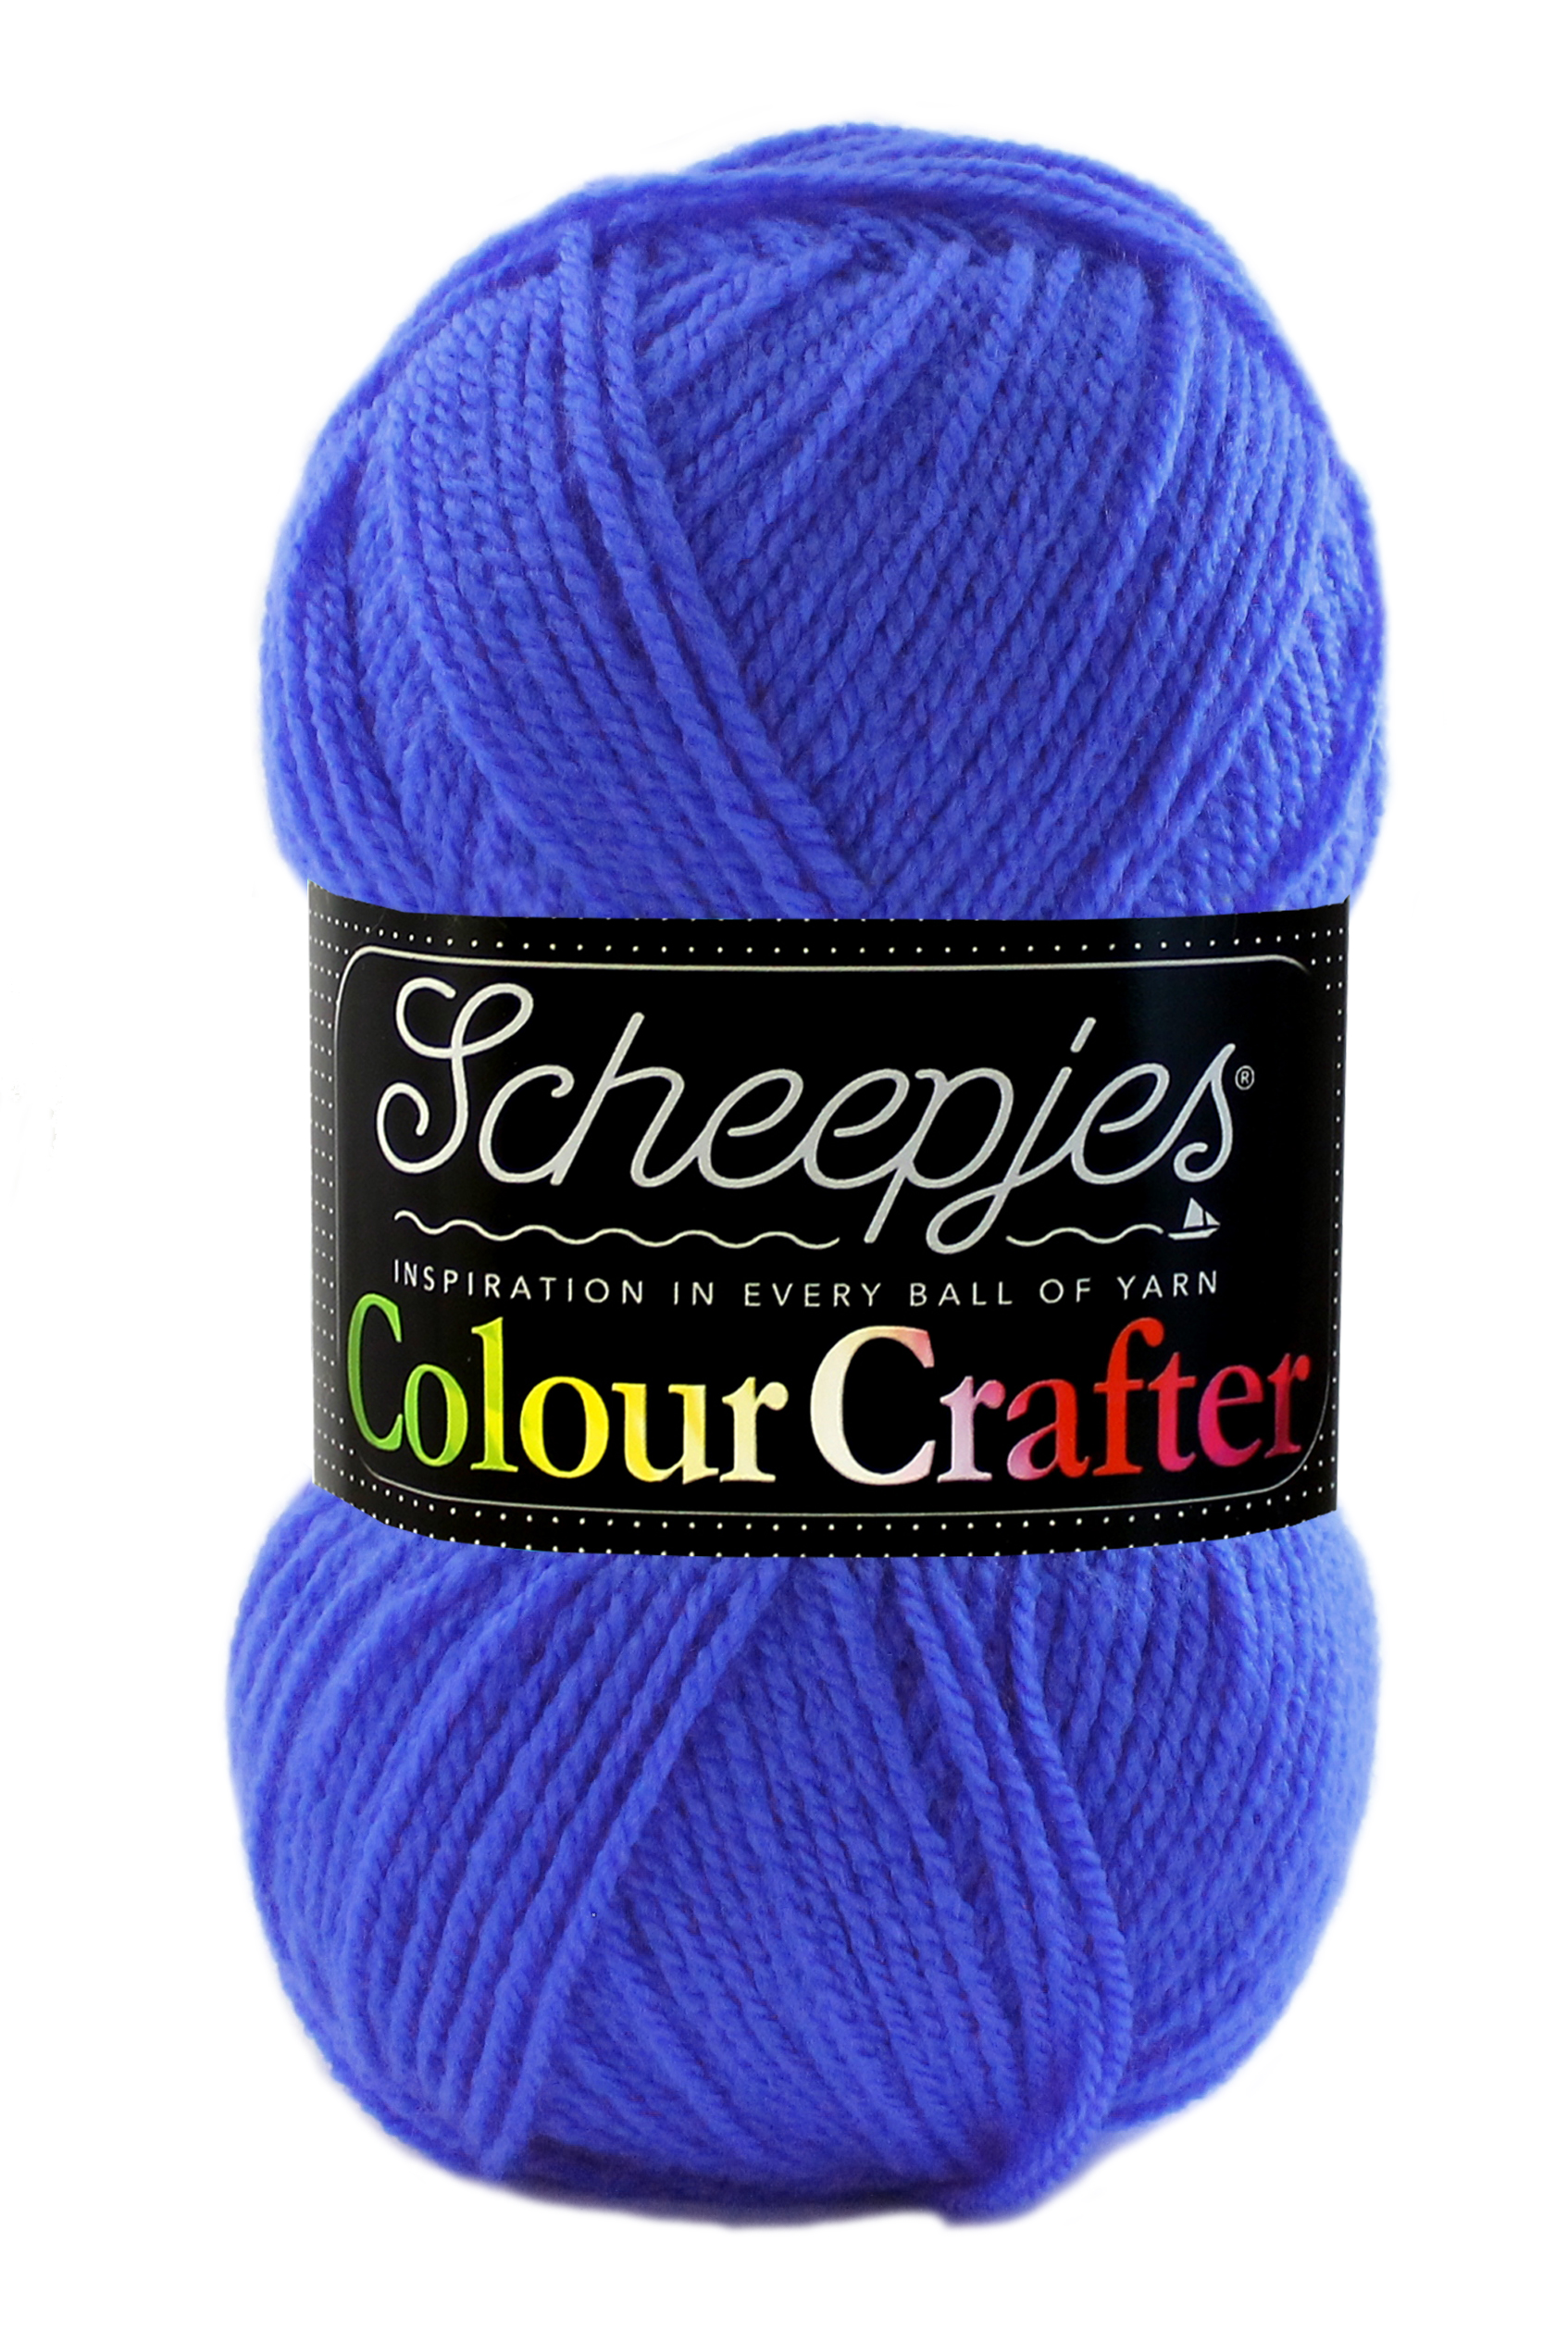 Scheepjes Colour Crafter – Geraardsbergen 2011 | garenhuisukeus.nl